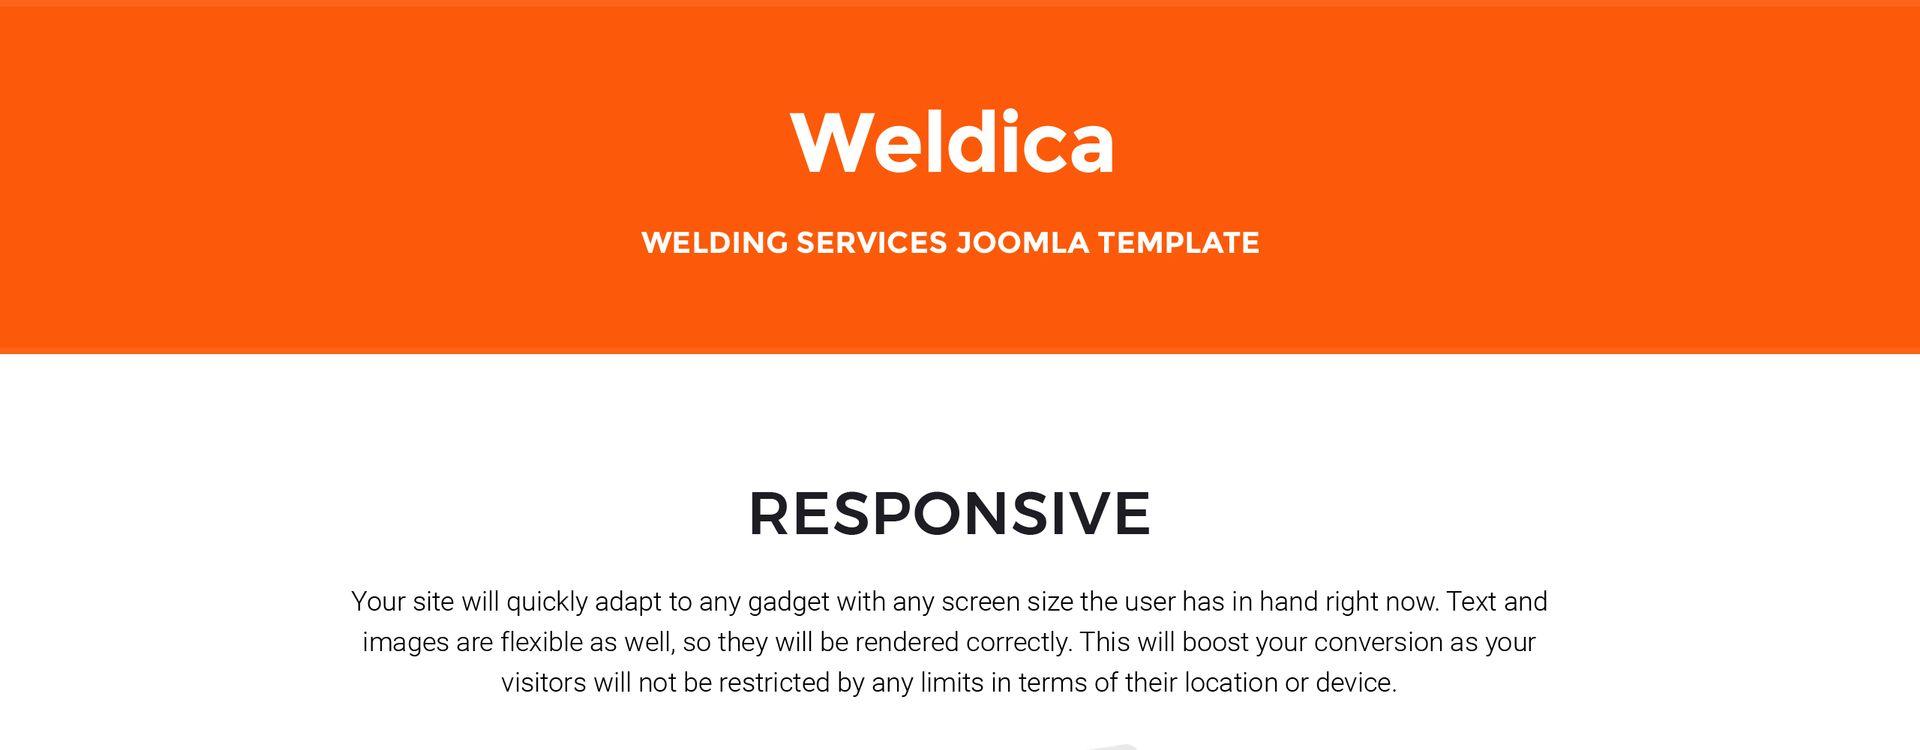 Weldica - Welding Services Joomla Template